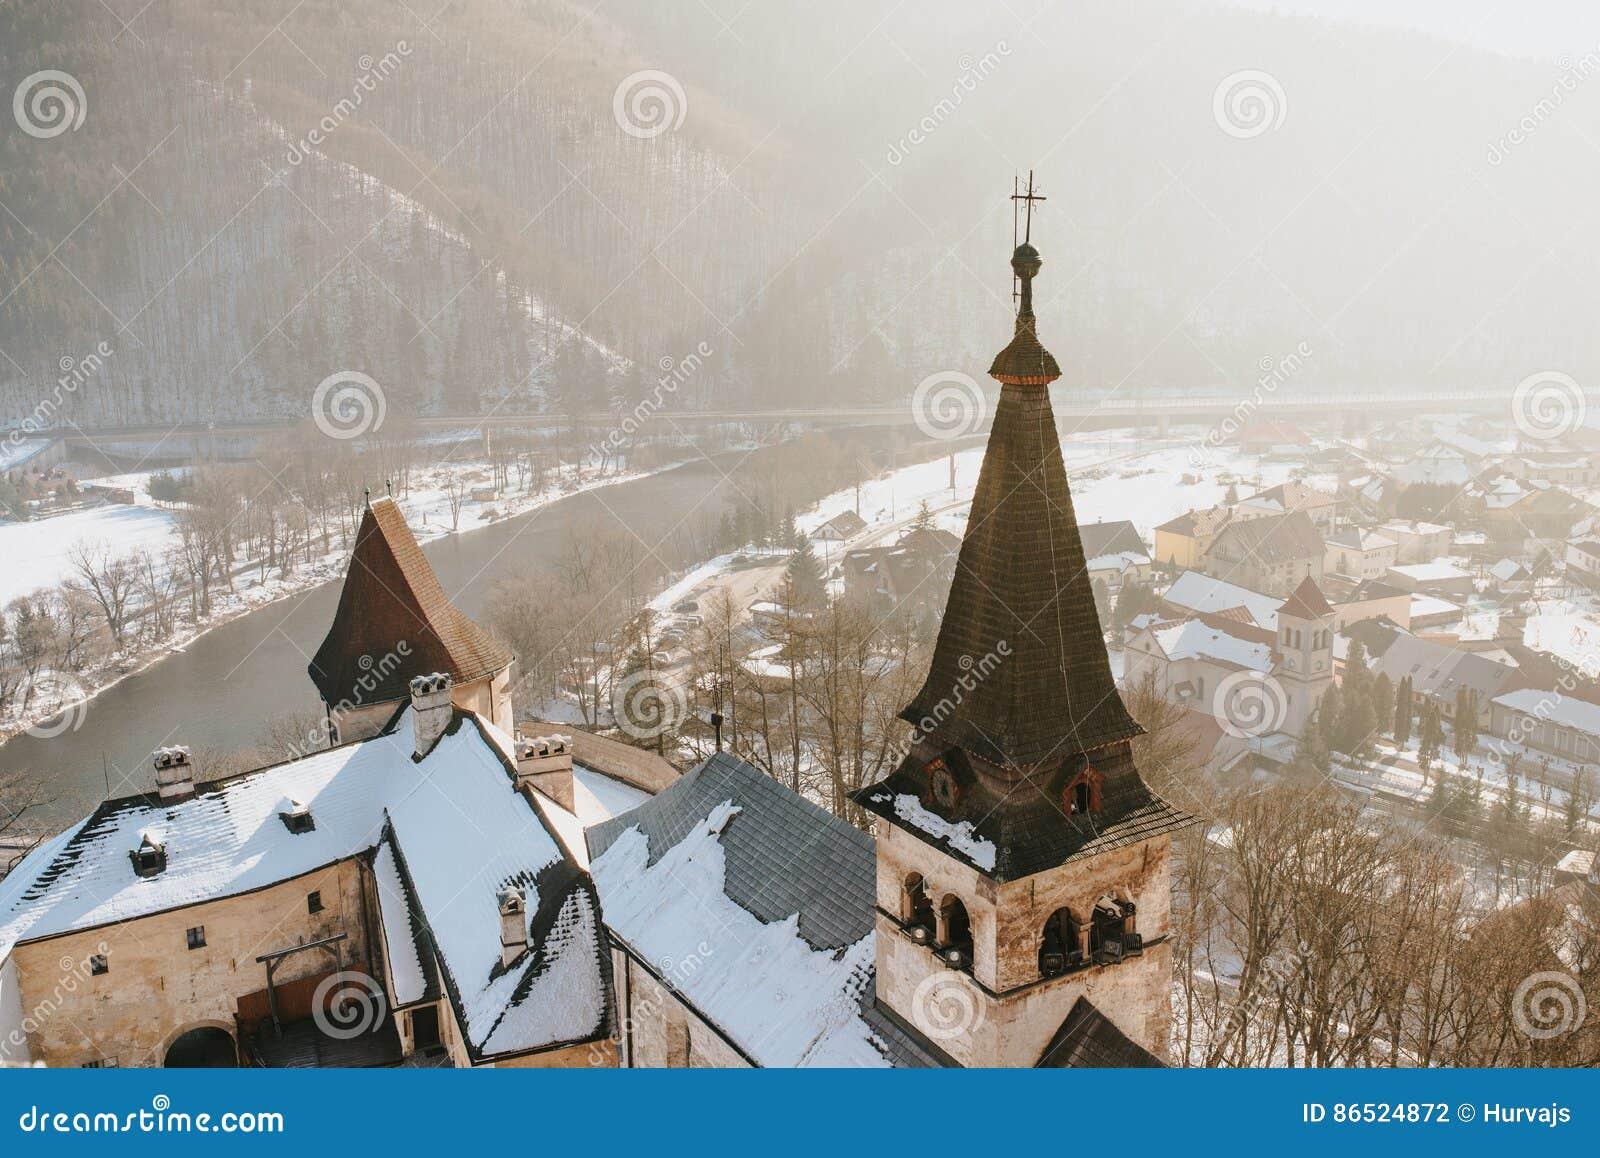 Aerial view of Oravsky Podzamok from Orava Castle in Slovakia.